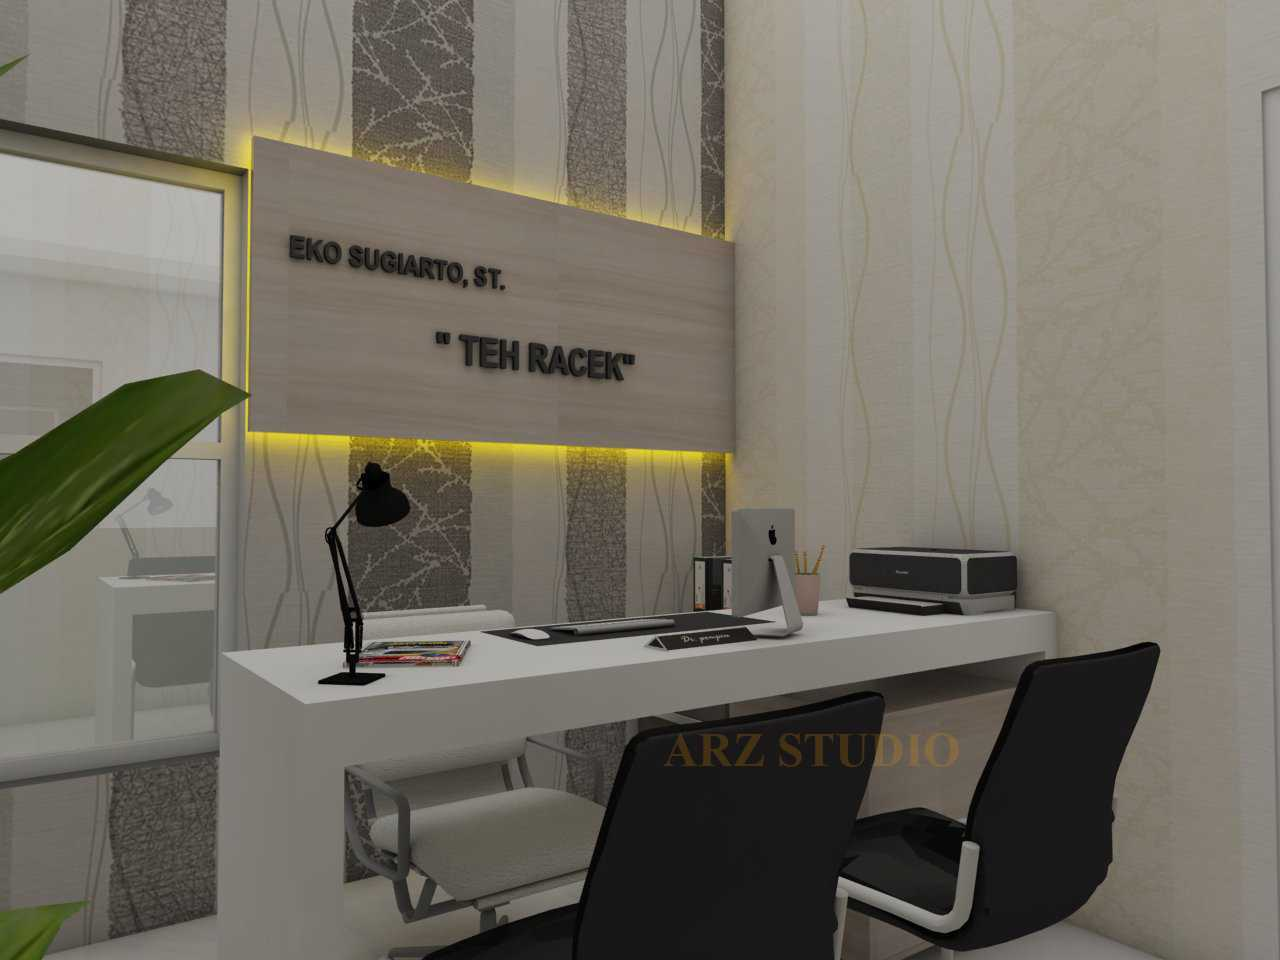 Arz Studio Renovasi Rumah Di Permata Jingga Malang Malang, Kota Malang, Jawa Timur, Indonesia Malang, Kota Malang, Jawa Timur, Indonesia Arz-Studio-Renovasi-Rumah-Di-Permata-Jingga-Malang  51627